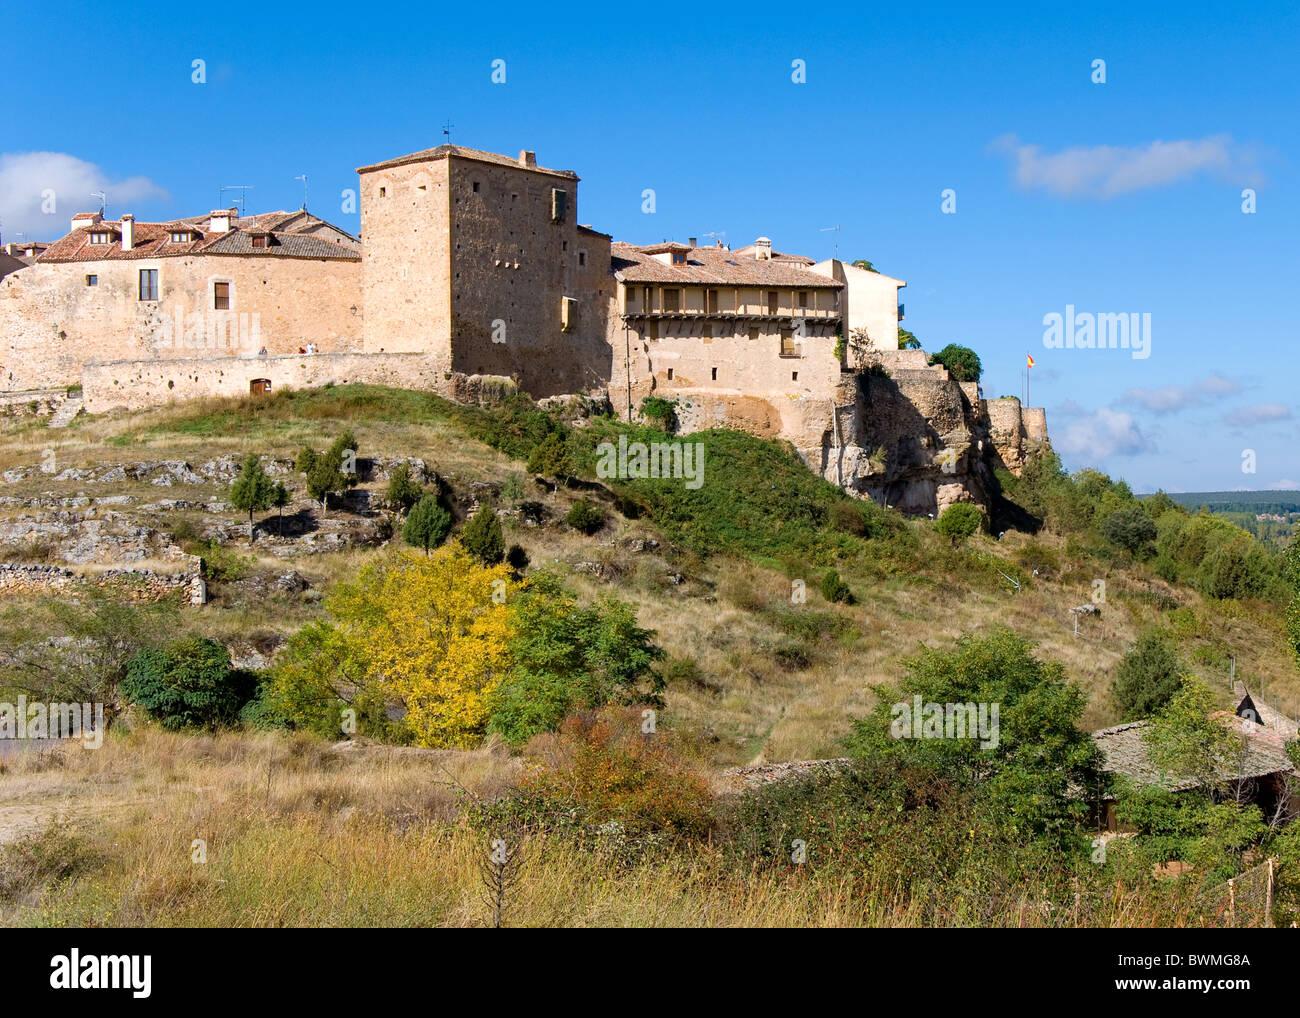 Pedraza, Segovia, Castilla and Leon, Spain - Stock Image